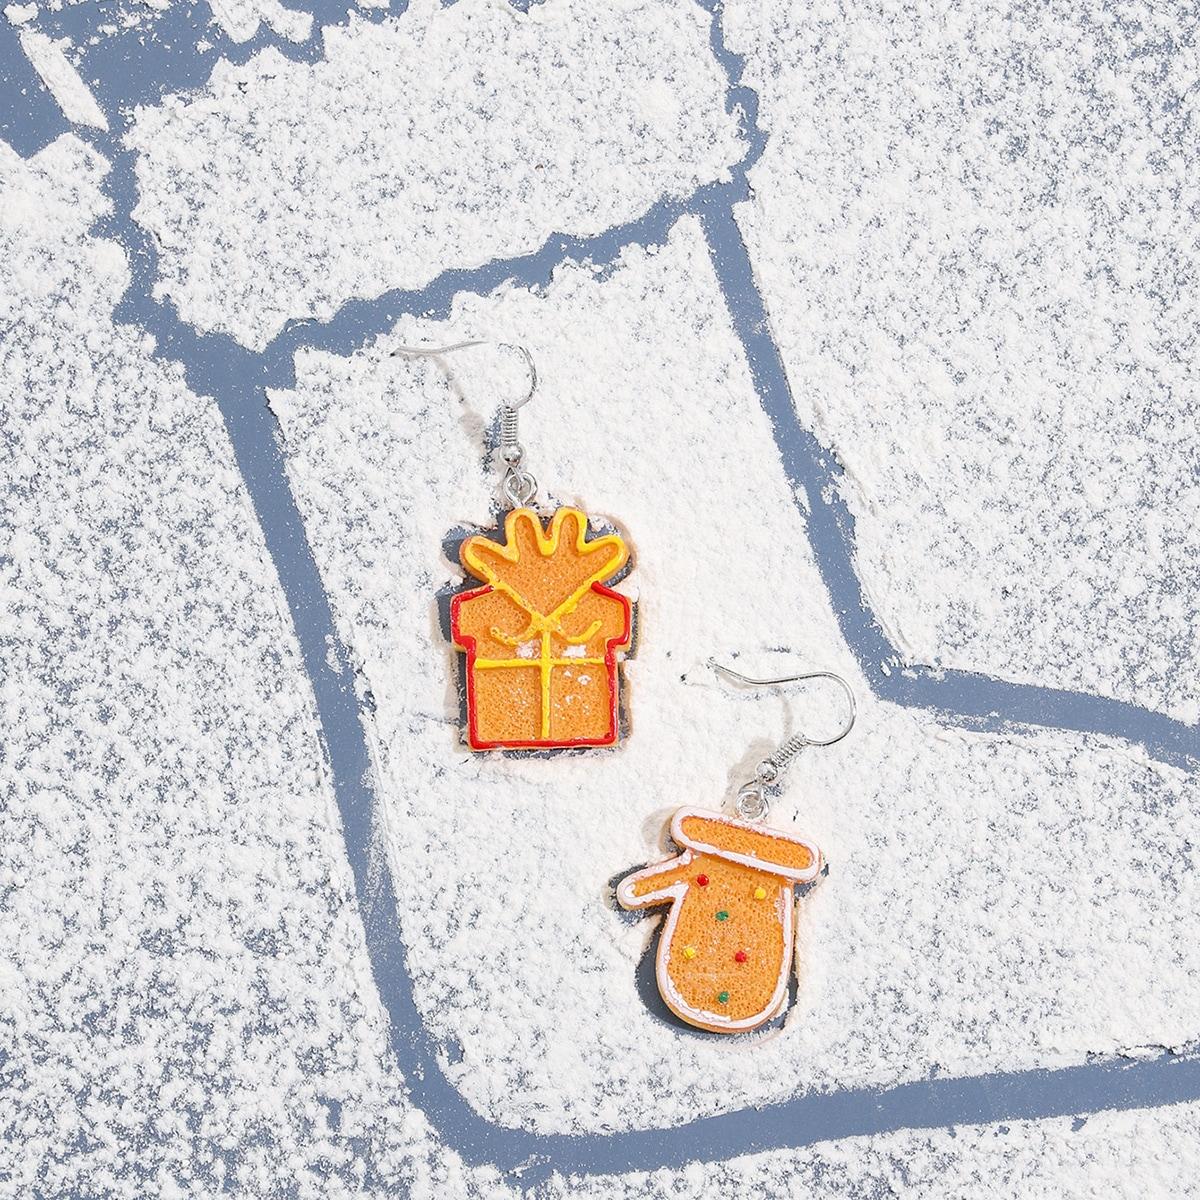 SHEIN / Weihnachten Ohrringe mit Keks Dekor